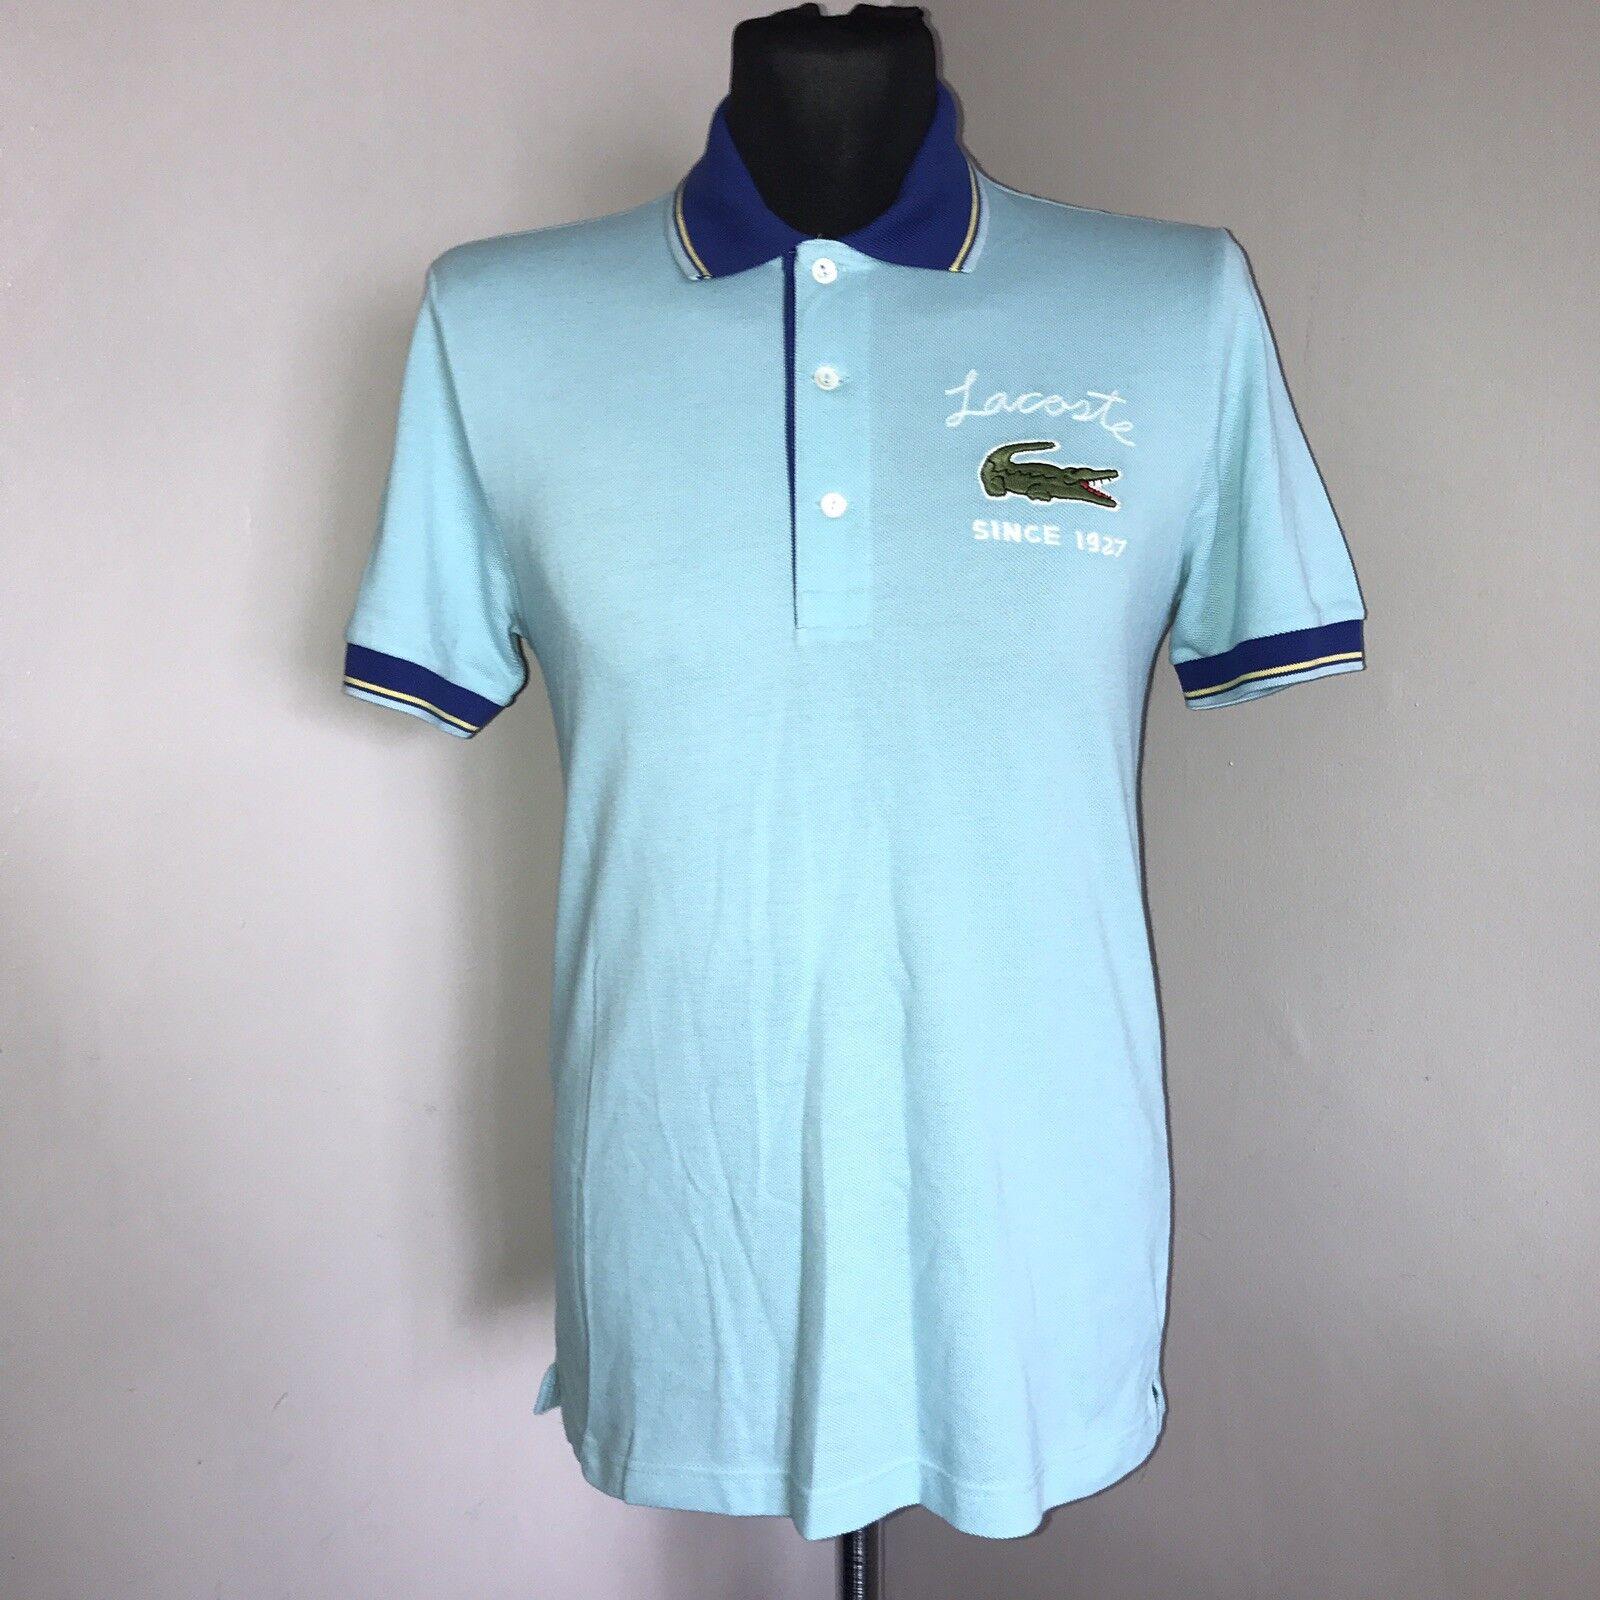 Xs Polo Couleur Taille Lacoste Bleu 2 Cielturquoise 7f7Fqxw